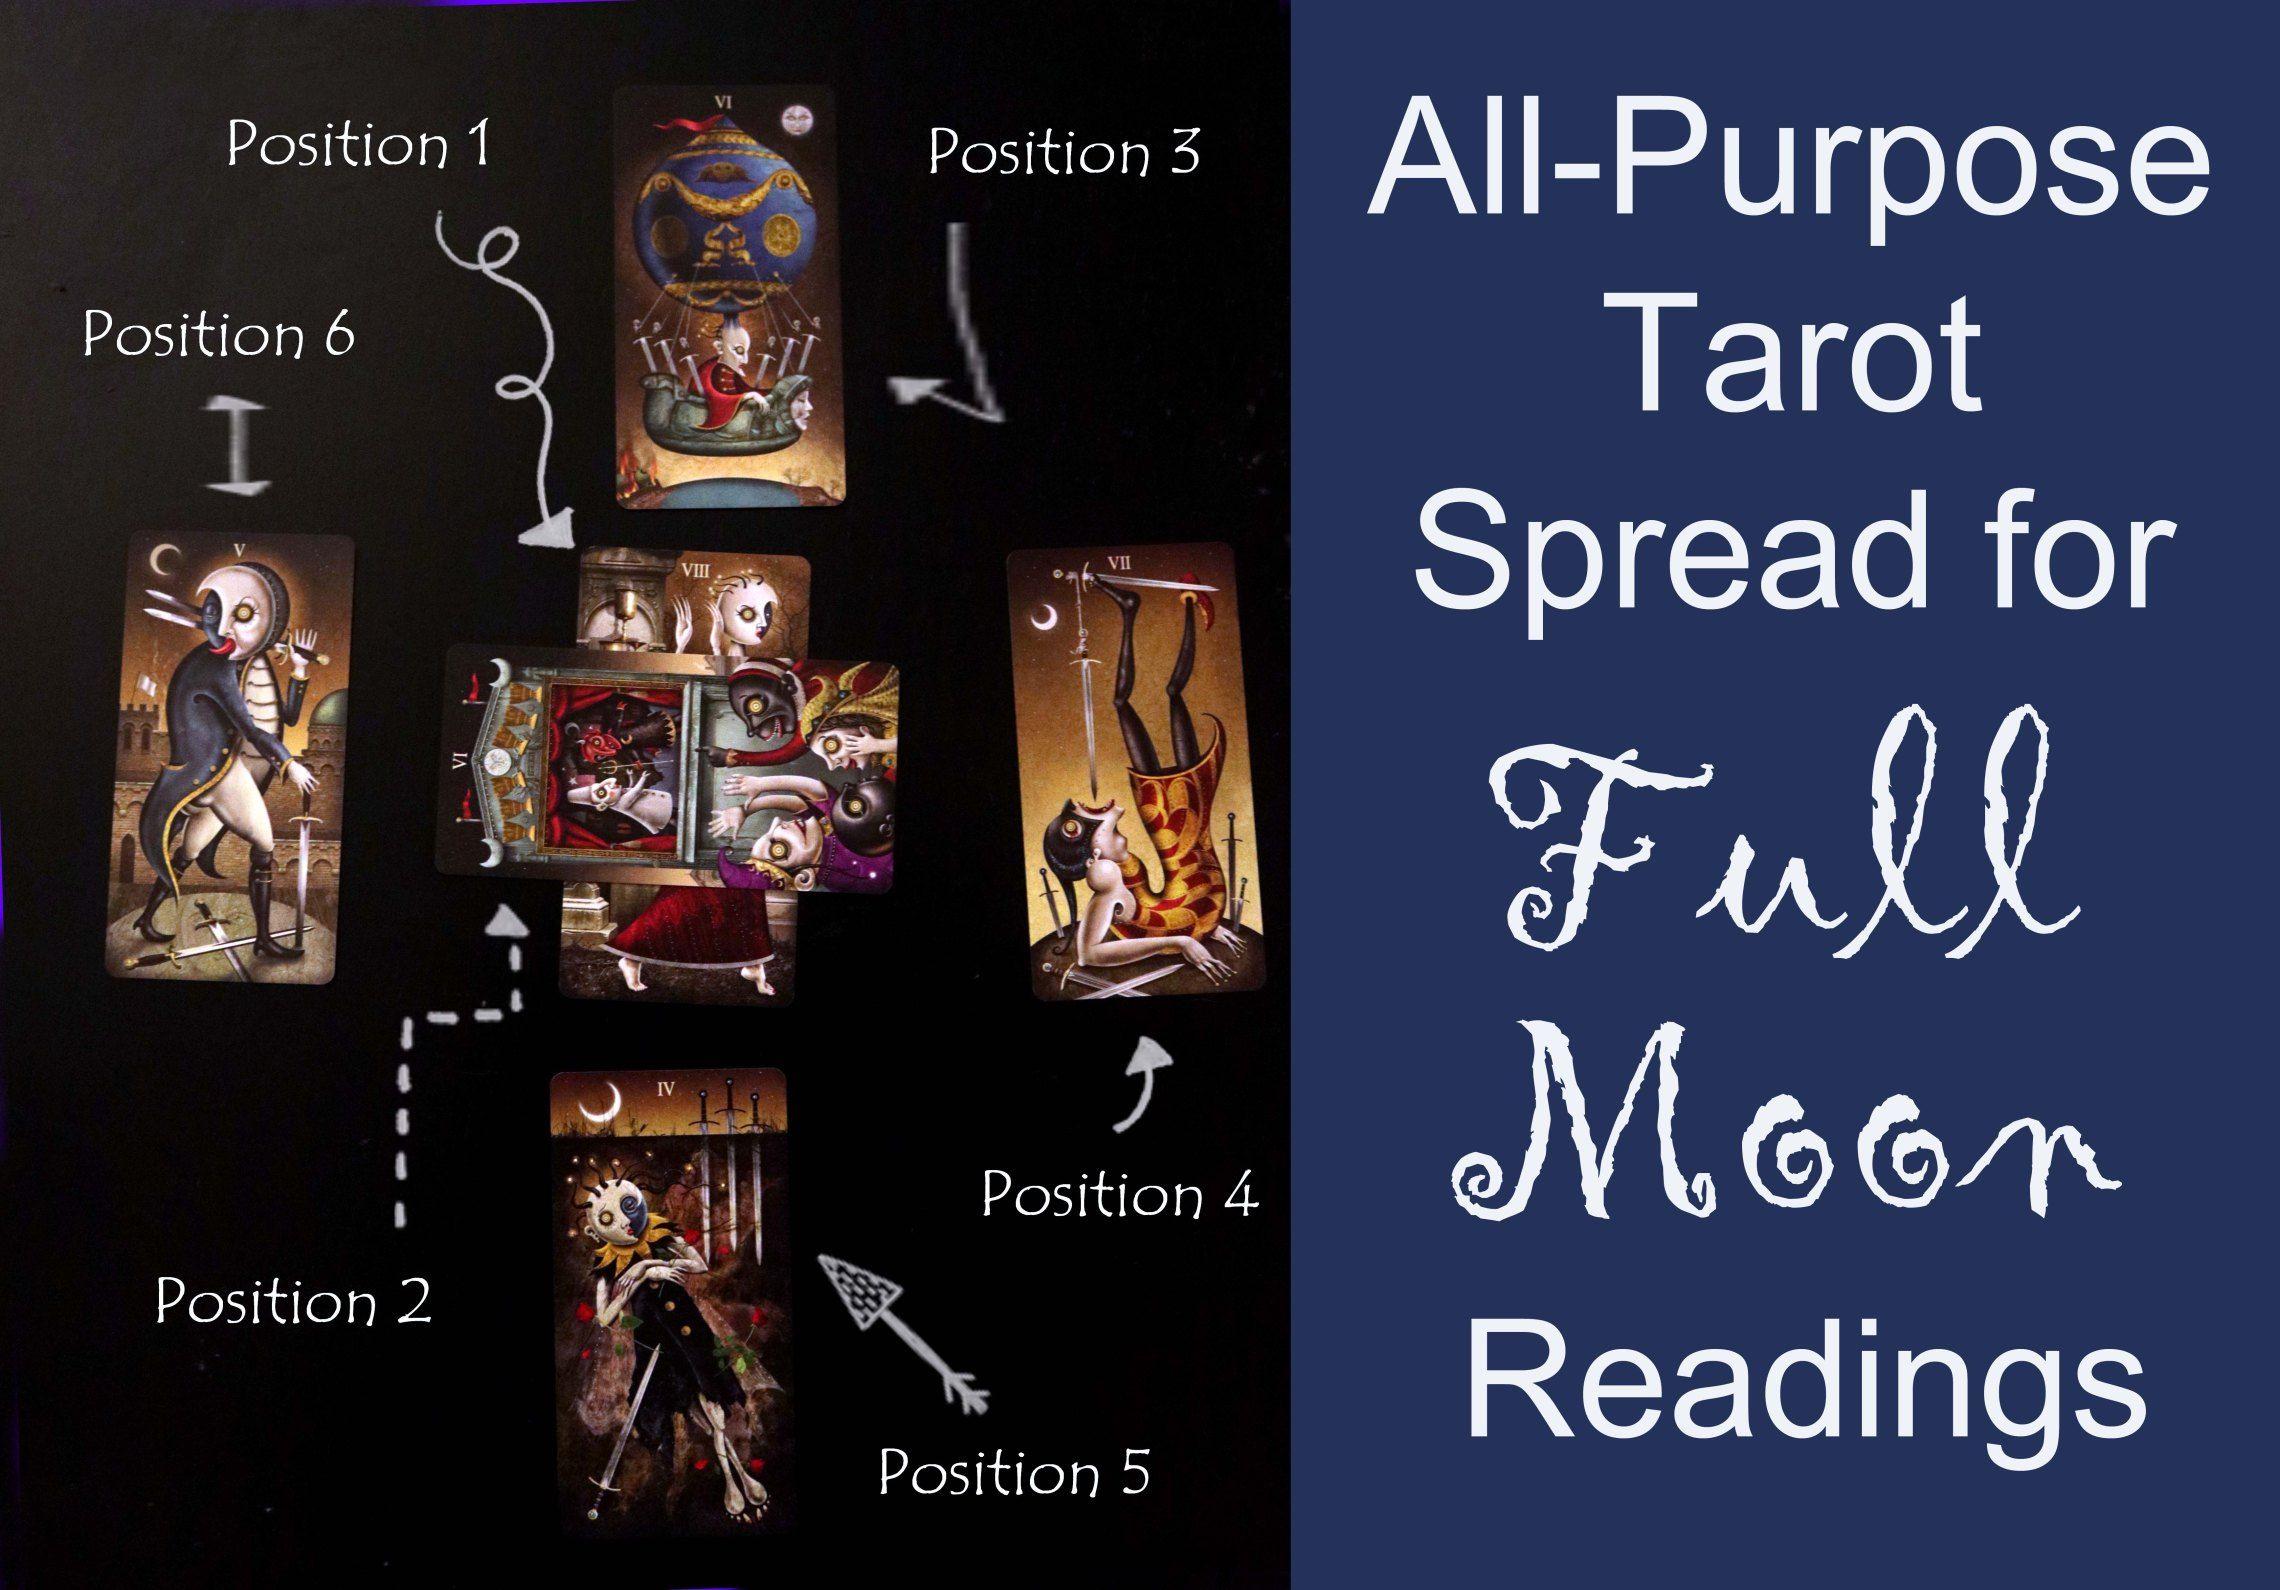 All Purpose Tarot Spread for Full Moon Readings #fullmoontarotspread